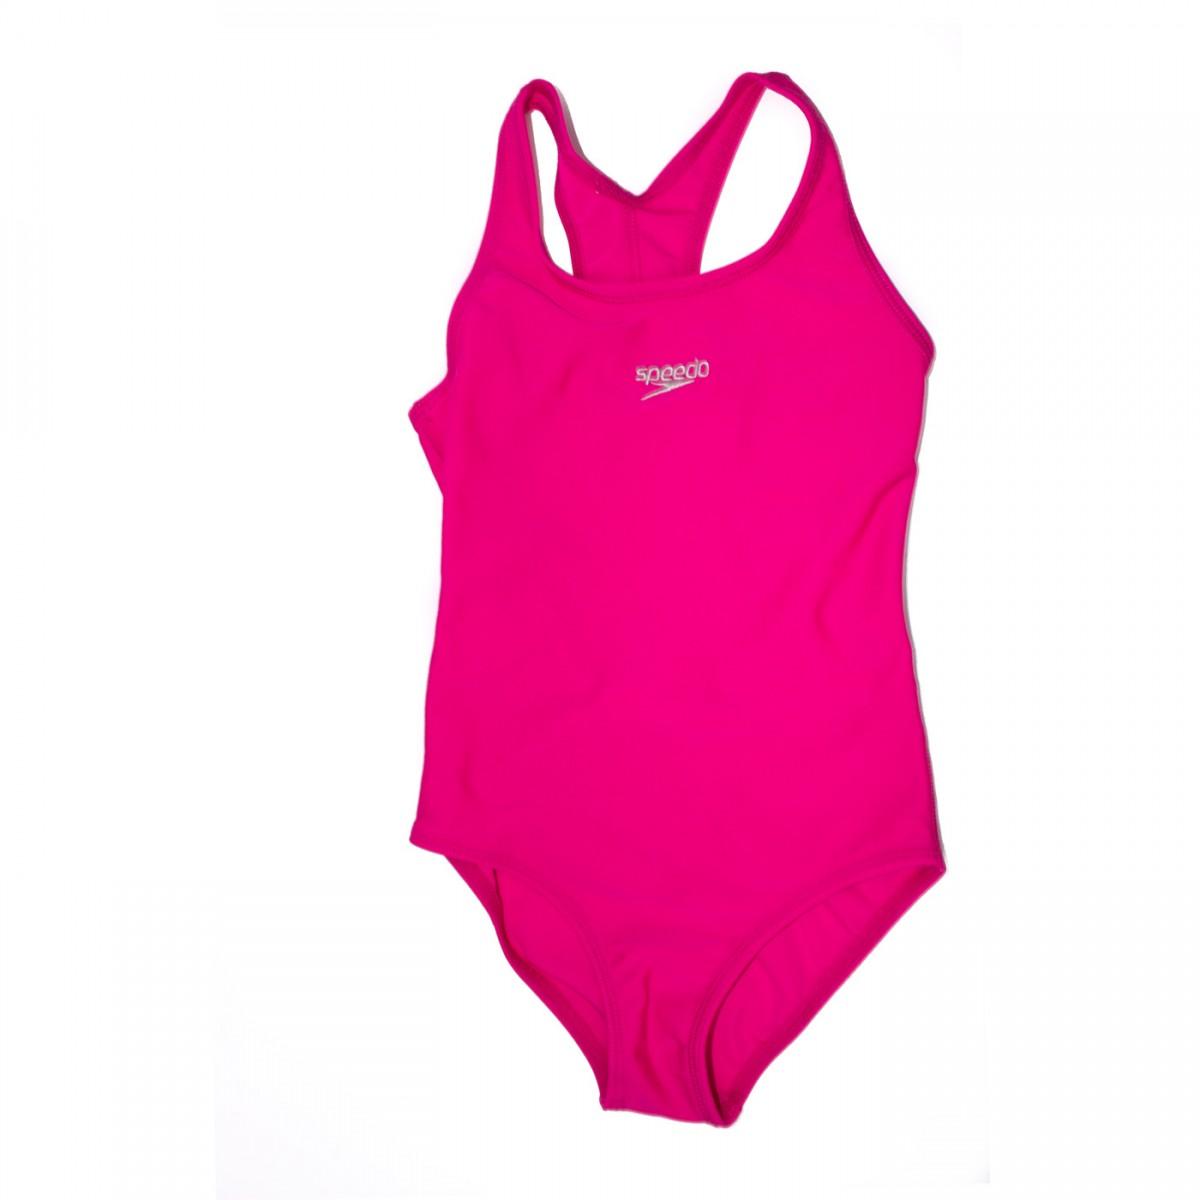 8d27b364cf56 Bizz Store - Maiô Infantil Menina Speedo Vital 3 Rosa Natação